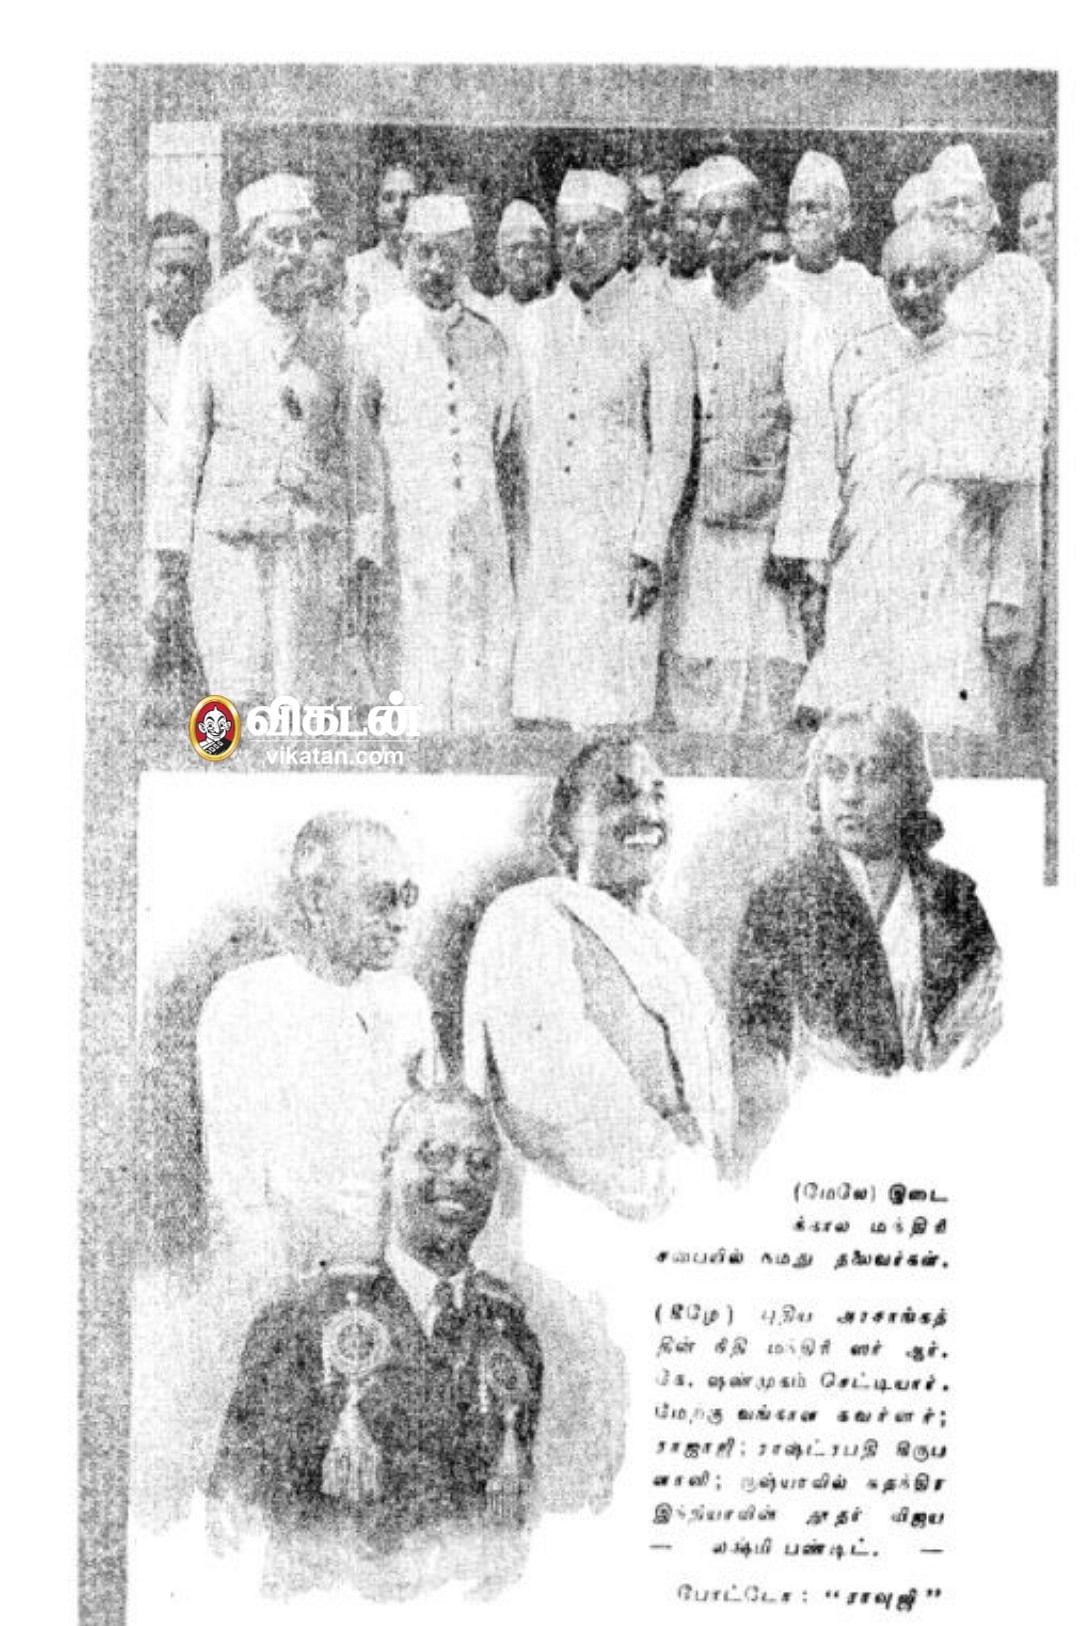 ஆனந்த விகடன் சுதந்திர இந்தியா - 1947